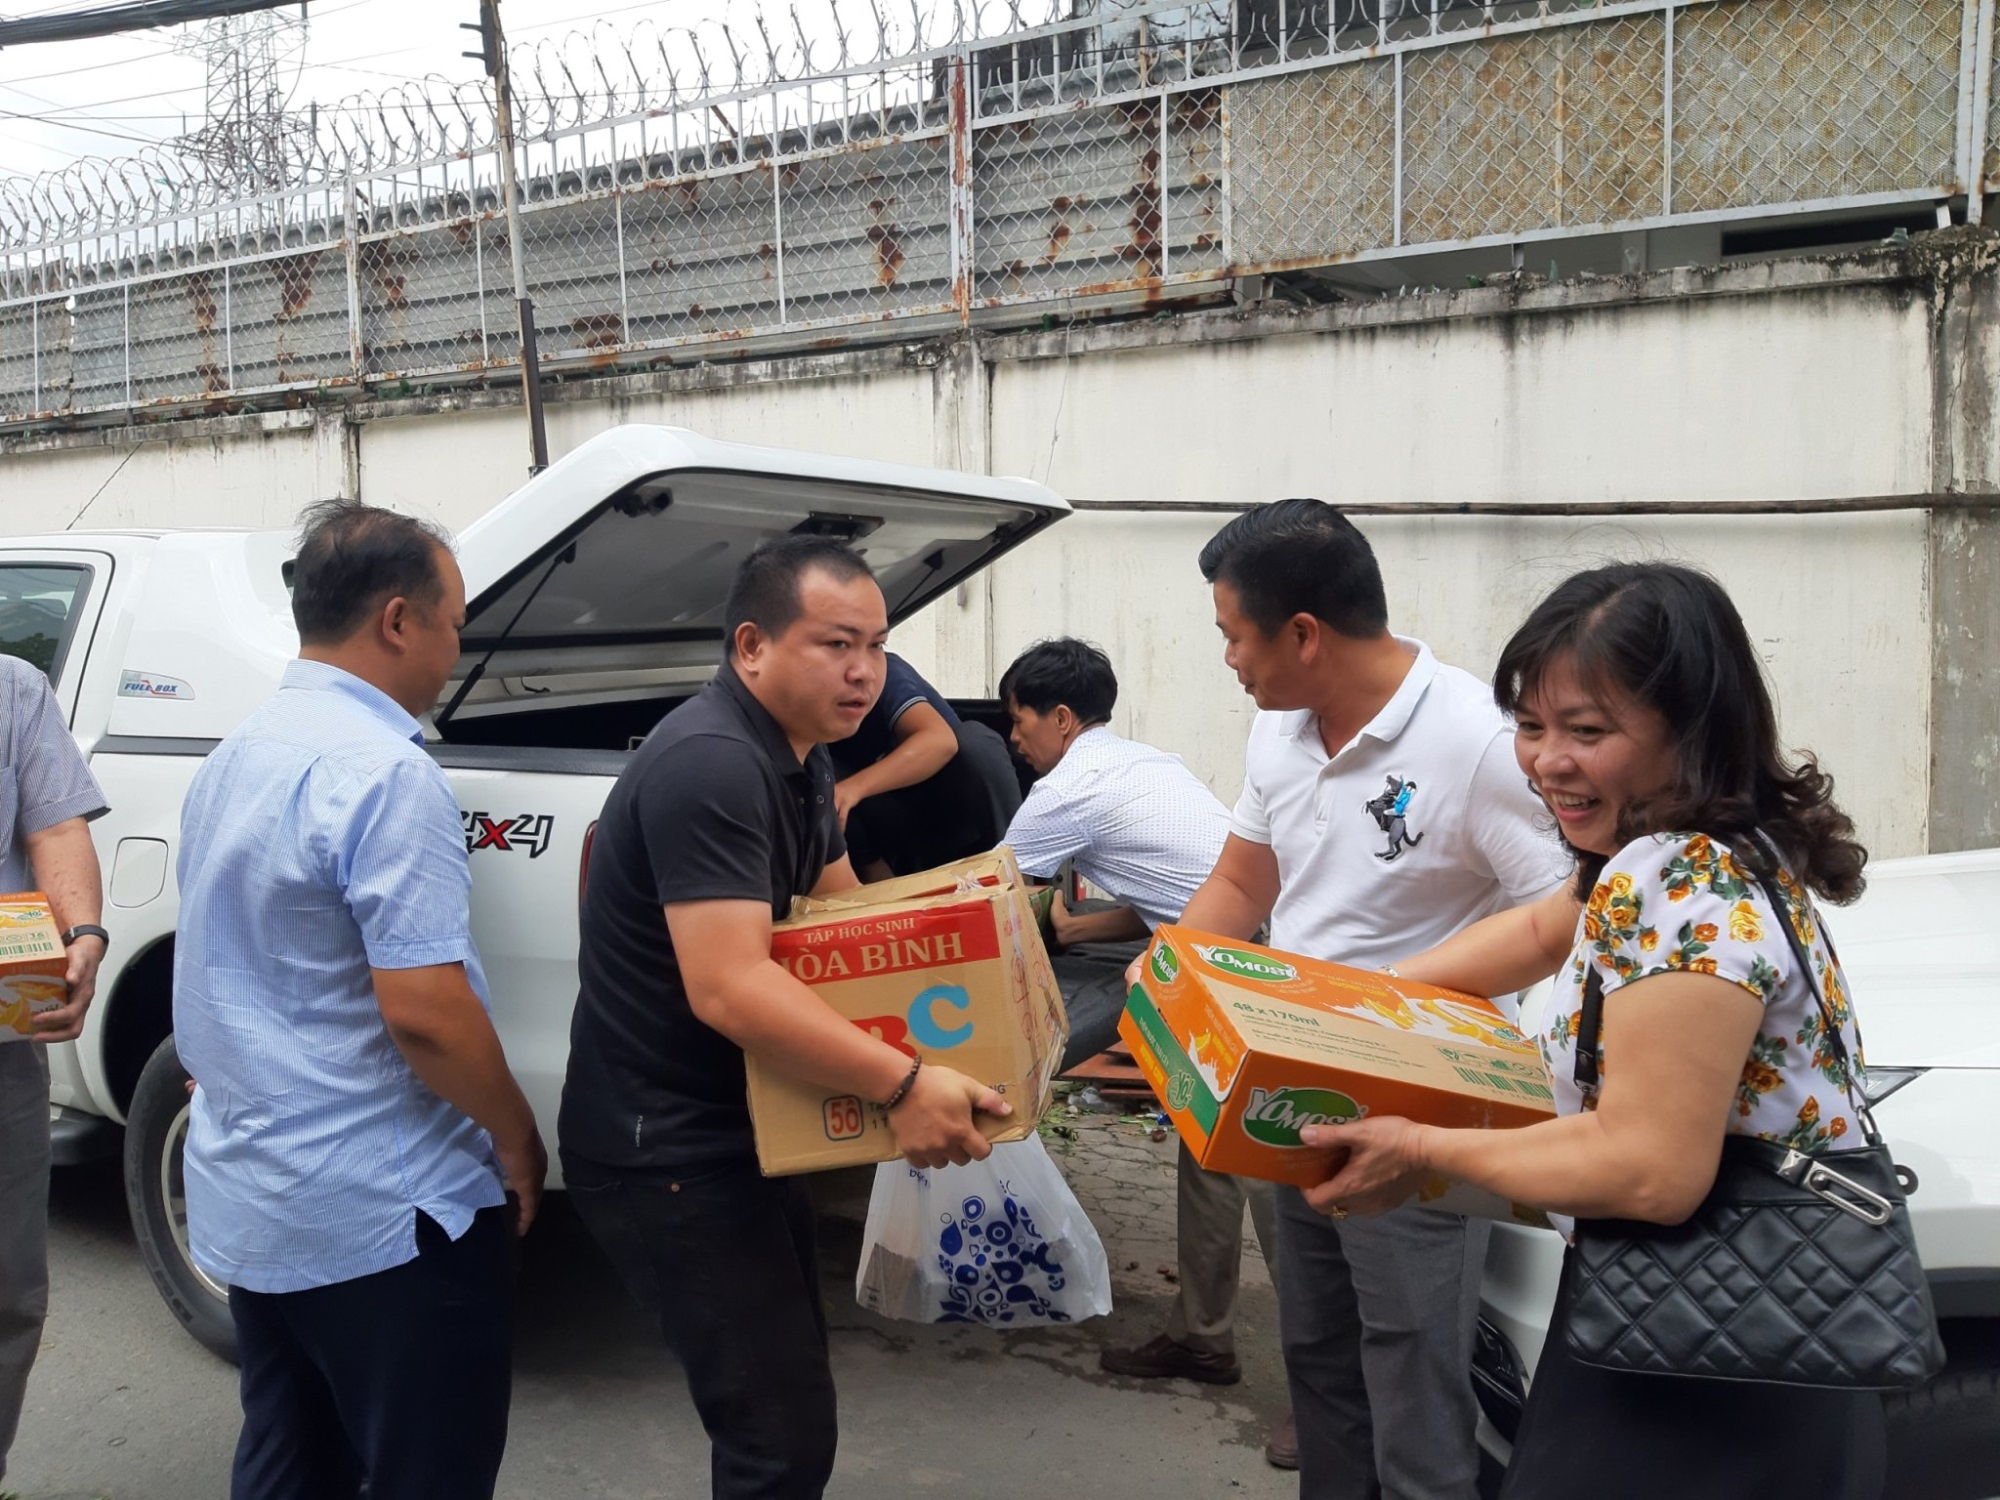 Chuỗi chương trình từ thiện 3 ngày của Hội đá ốp lát Sài Gòn kỷ niệm 10 năm thành lập - Ảnh 6